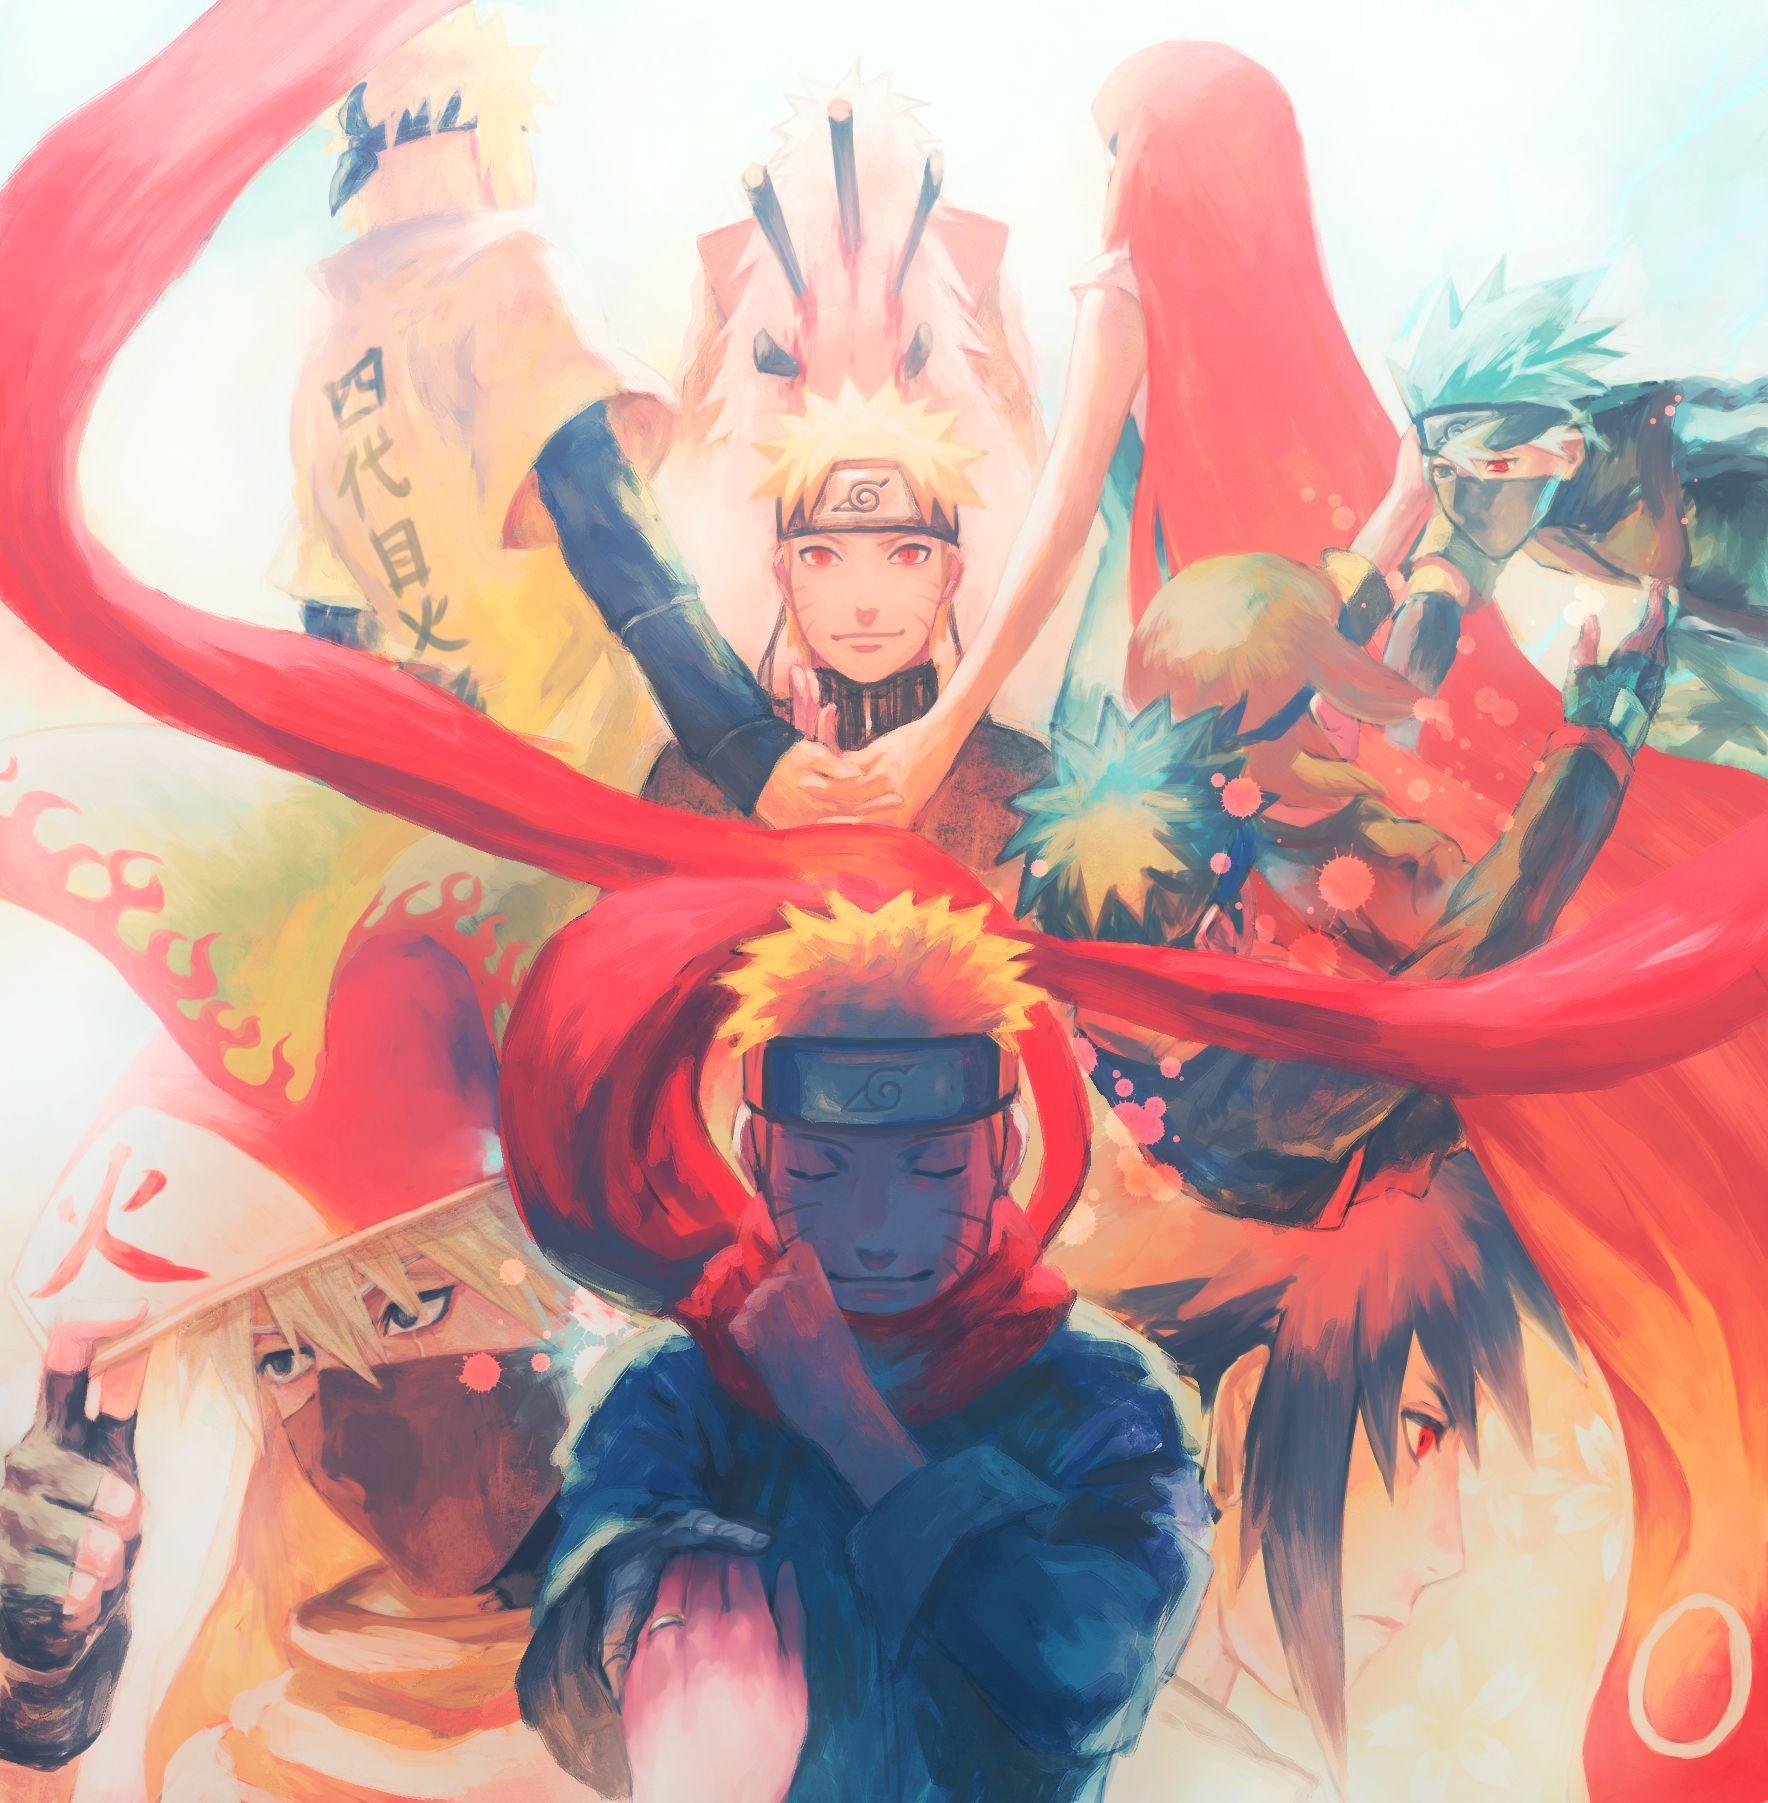 اقوى و افضل شخصيات ناروتو Anime Anime Naruto Naruto